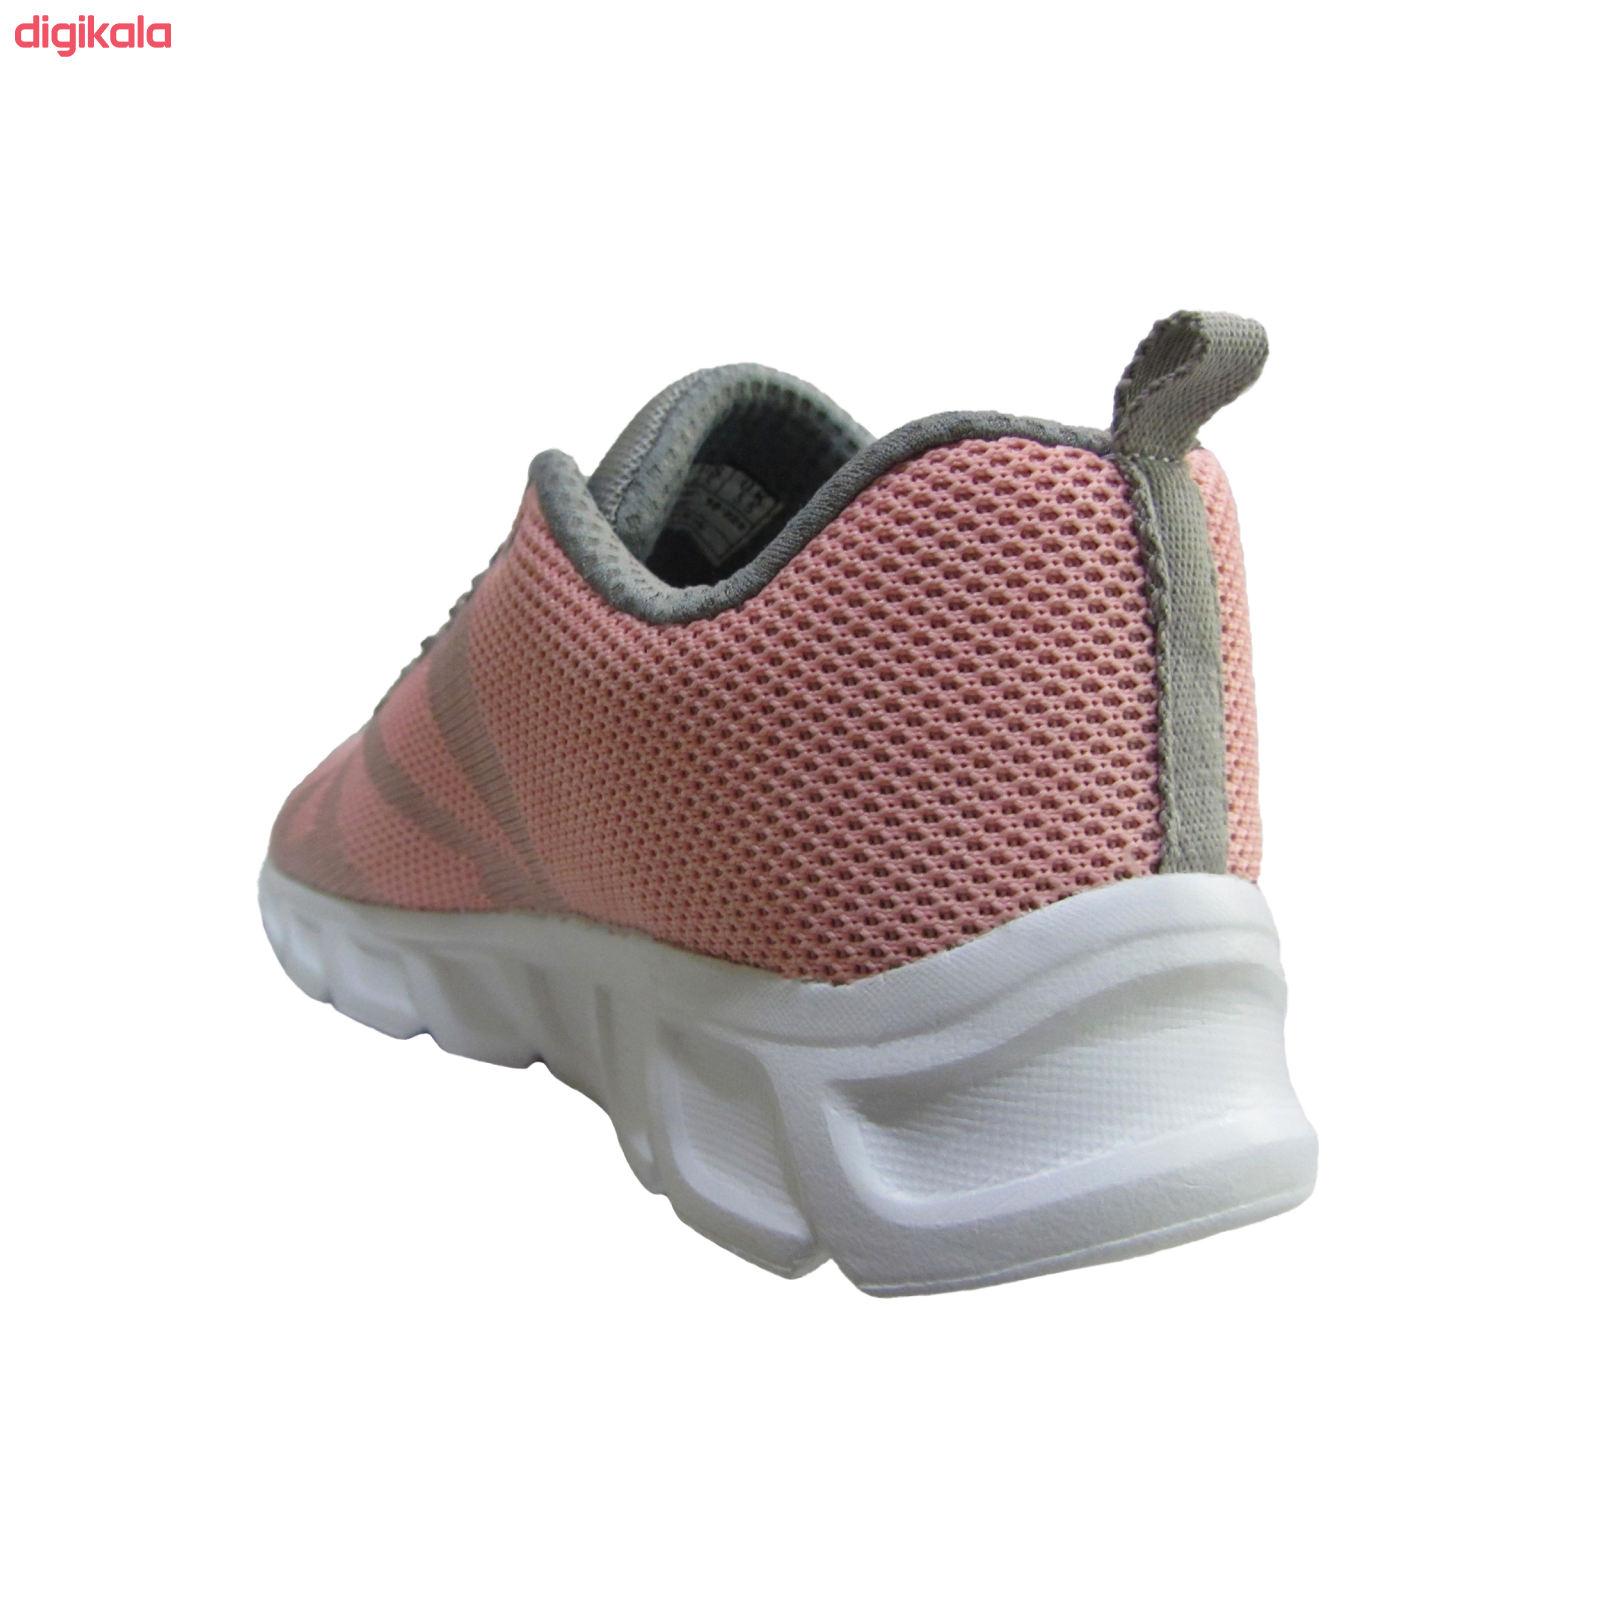 کفش مخصوص پیاده روی زنانه آلبرتینی مدل ستیا کد 01 main 1 4